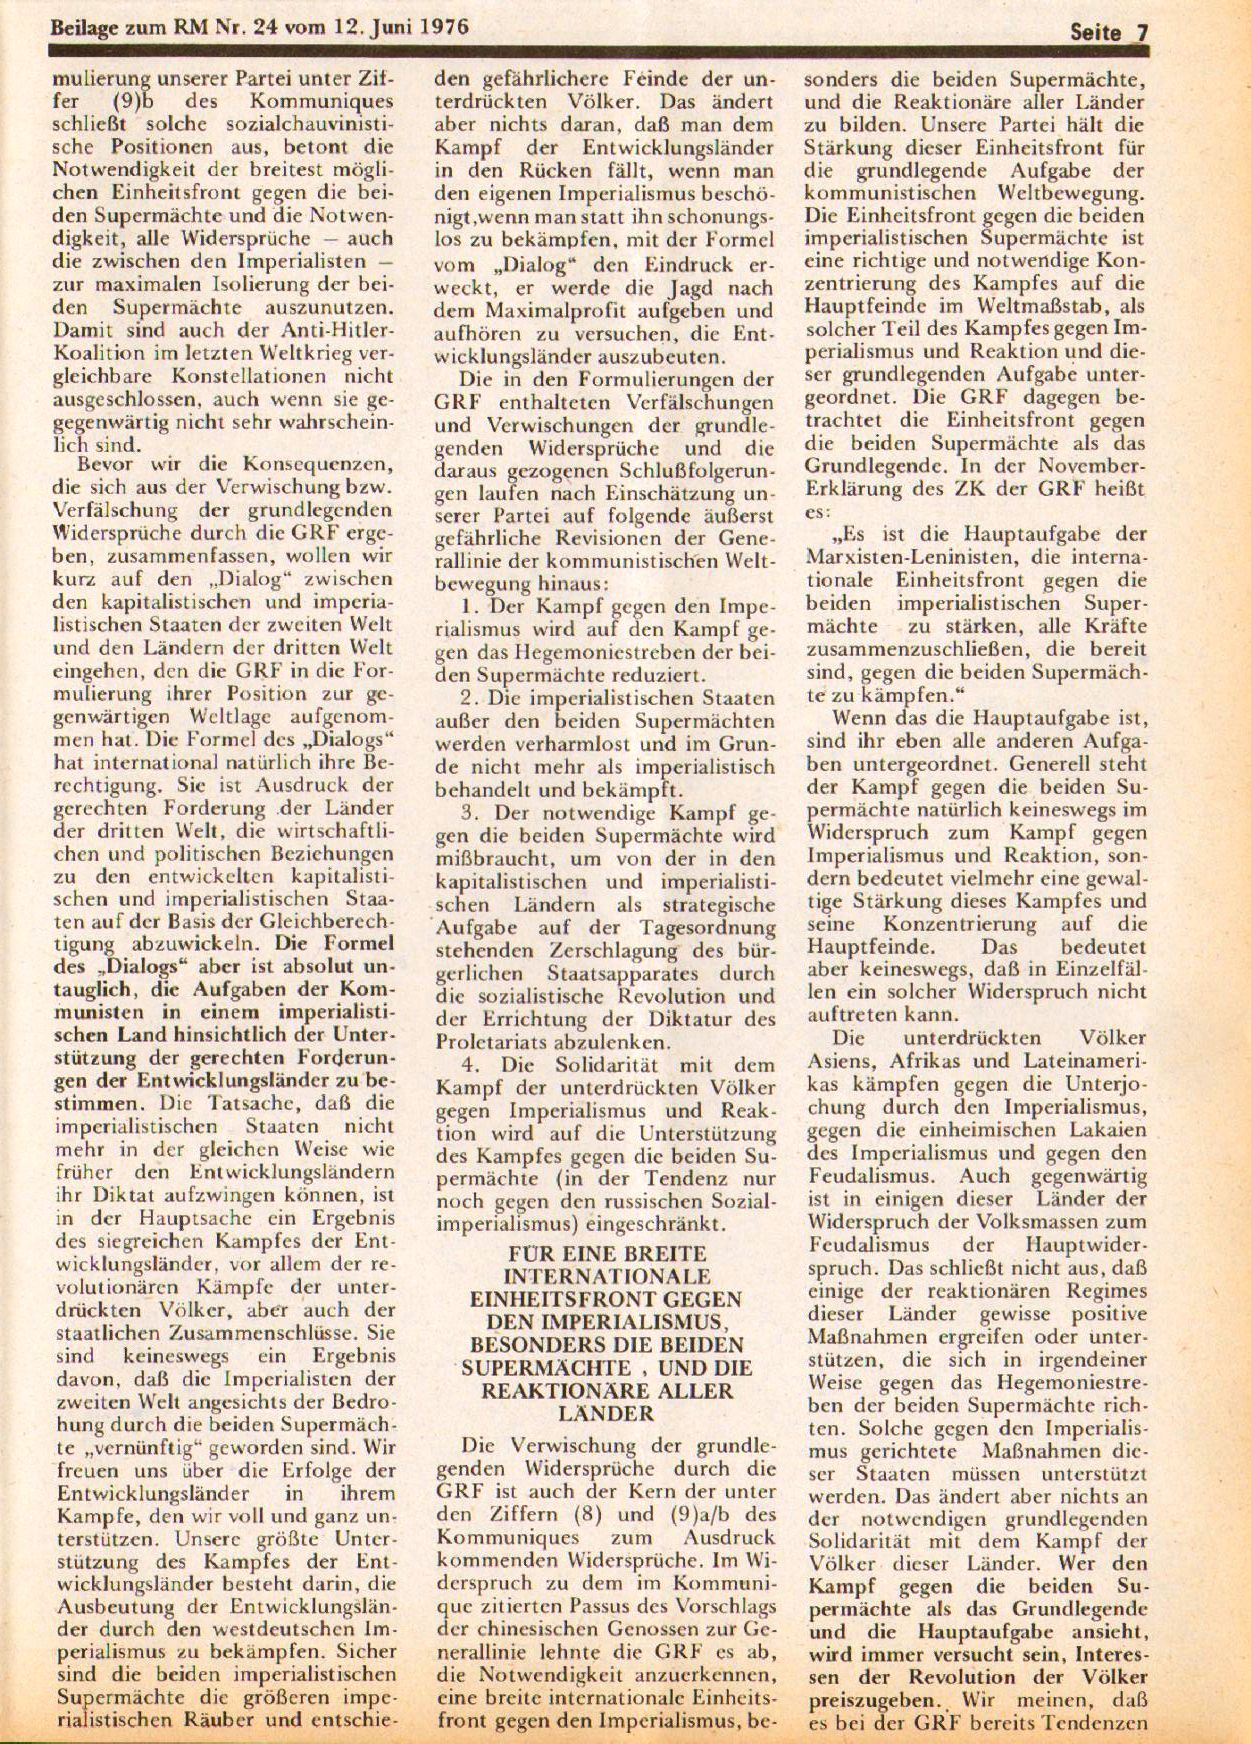 Roter Morgen, 10. Jg., 12. Juni 1976, Beilage: Zum Kommumique, Seite 7